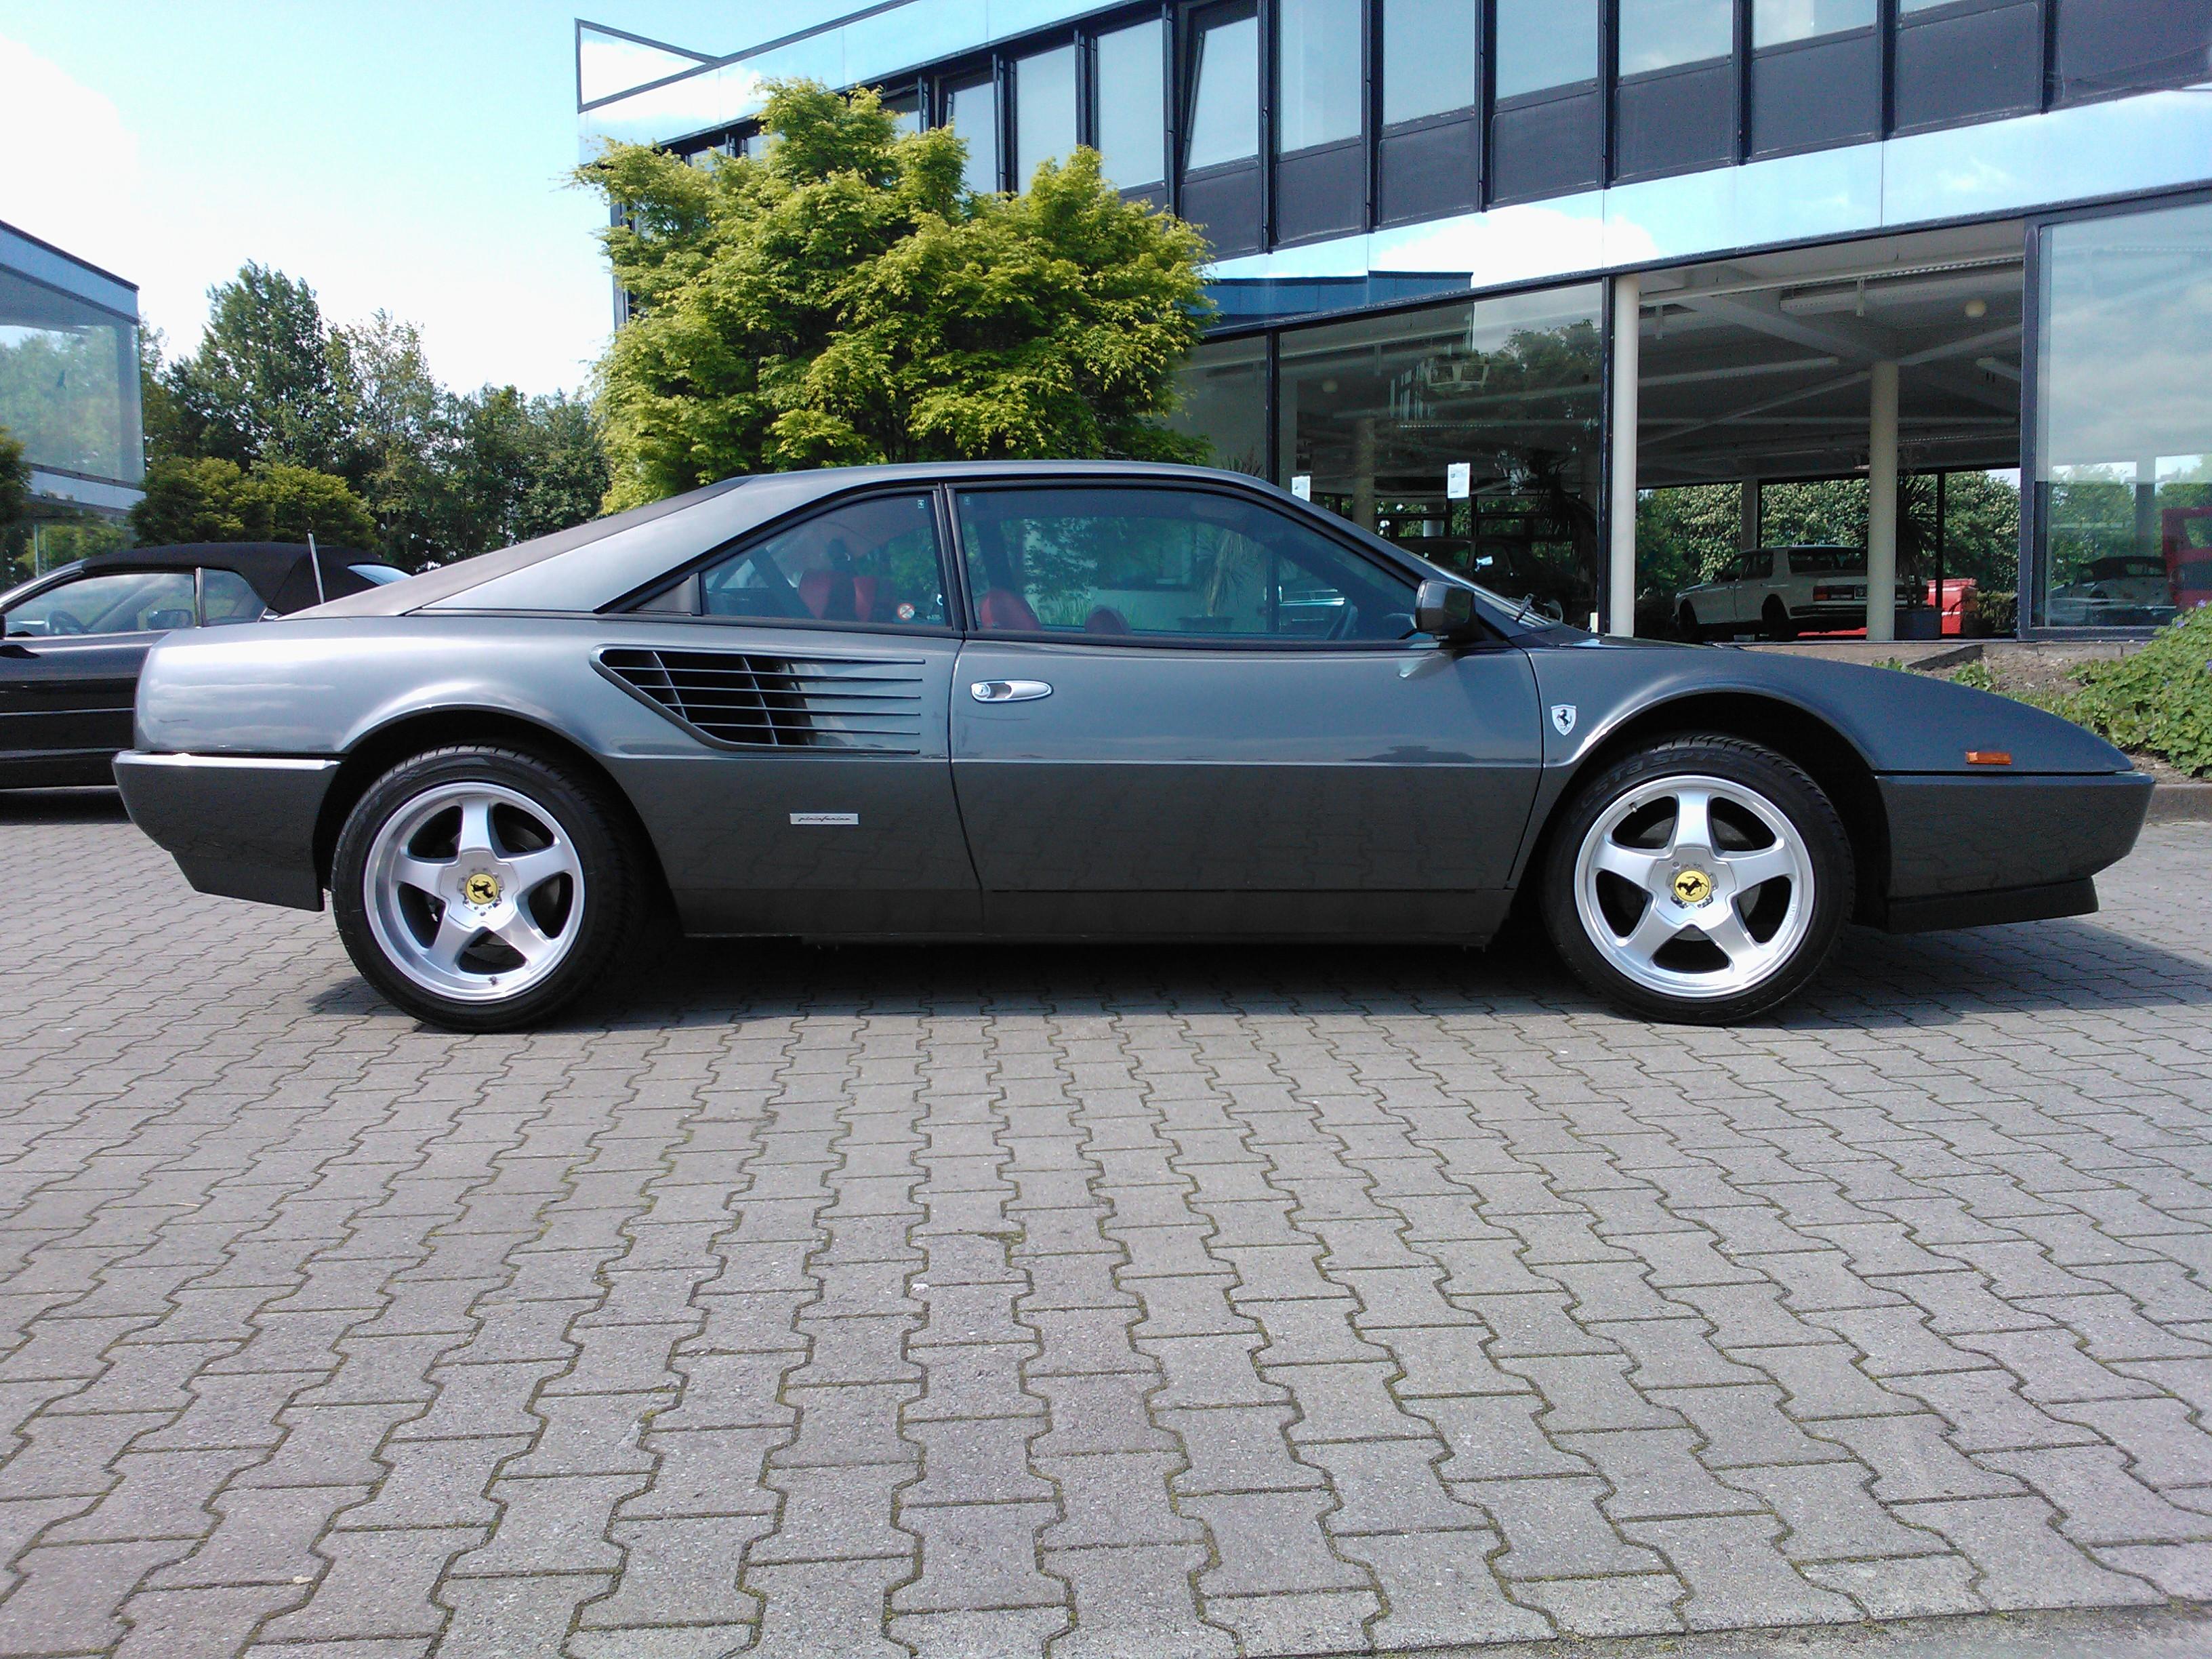 Mondial32-01 Remarkable Ferrari Mondial Rear Window Motor Cars Trend